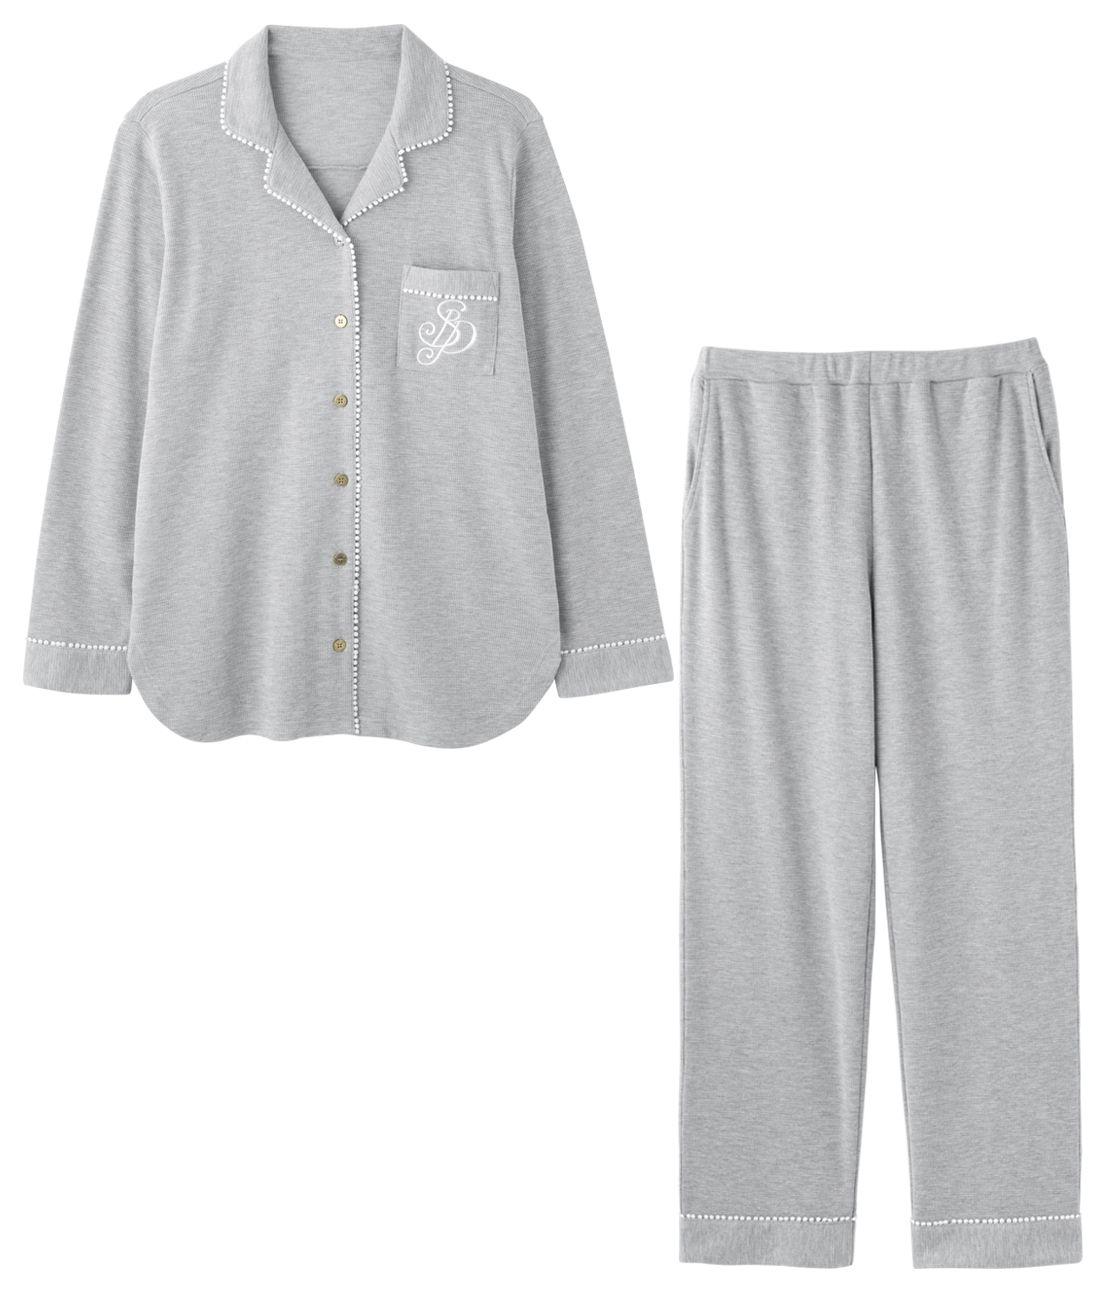 软件热衬衣睡衣